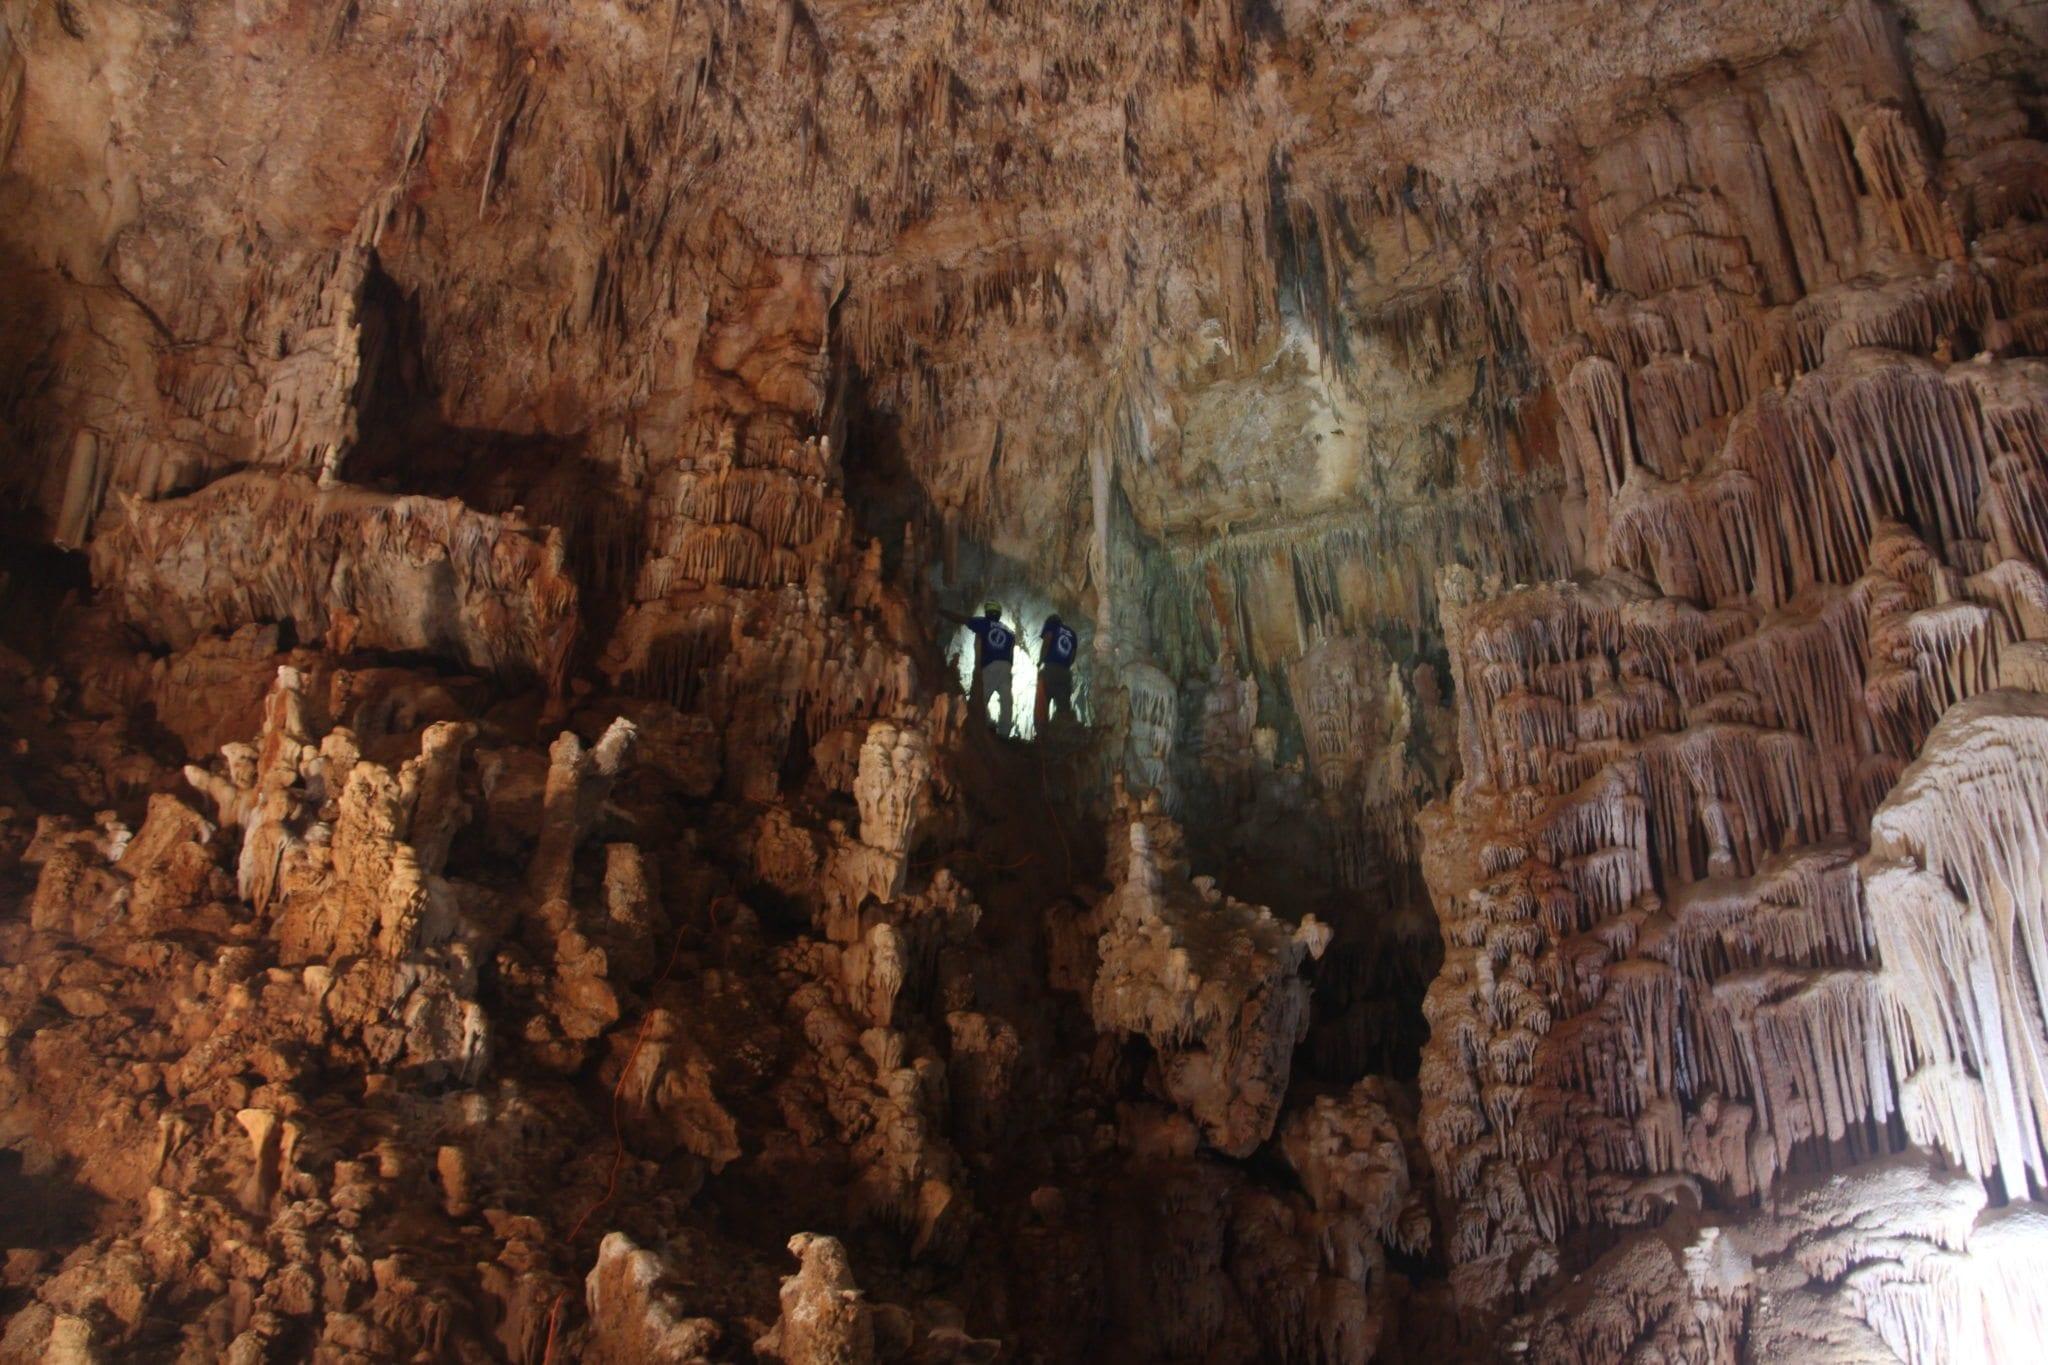 טיול מערות - סנפלינג למערת נטיפים - ערוצים בטבע